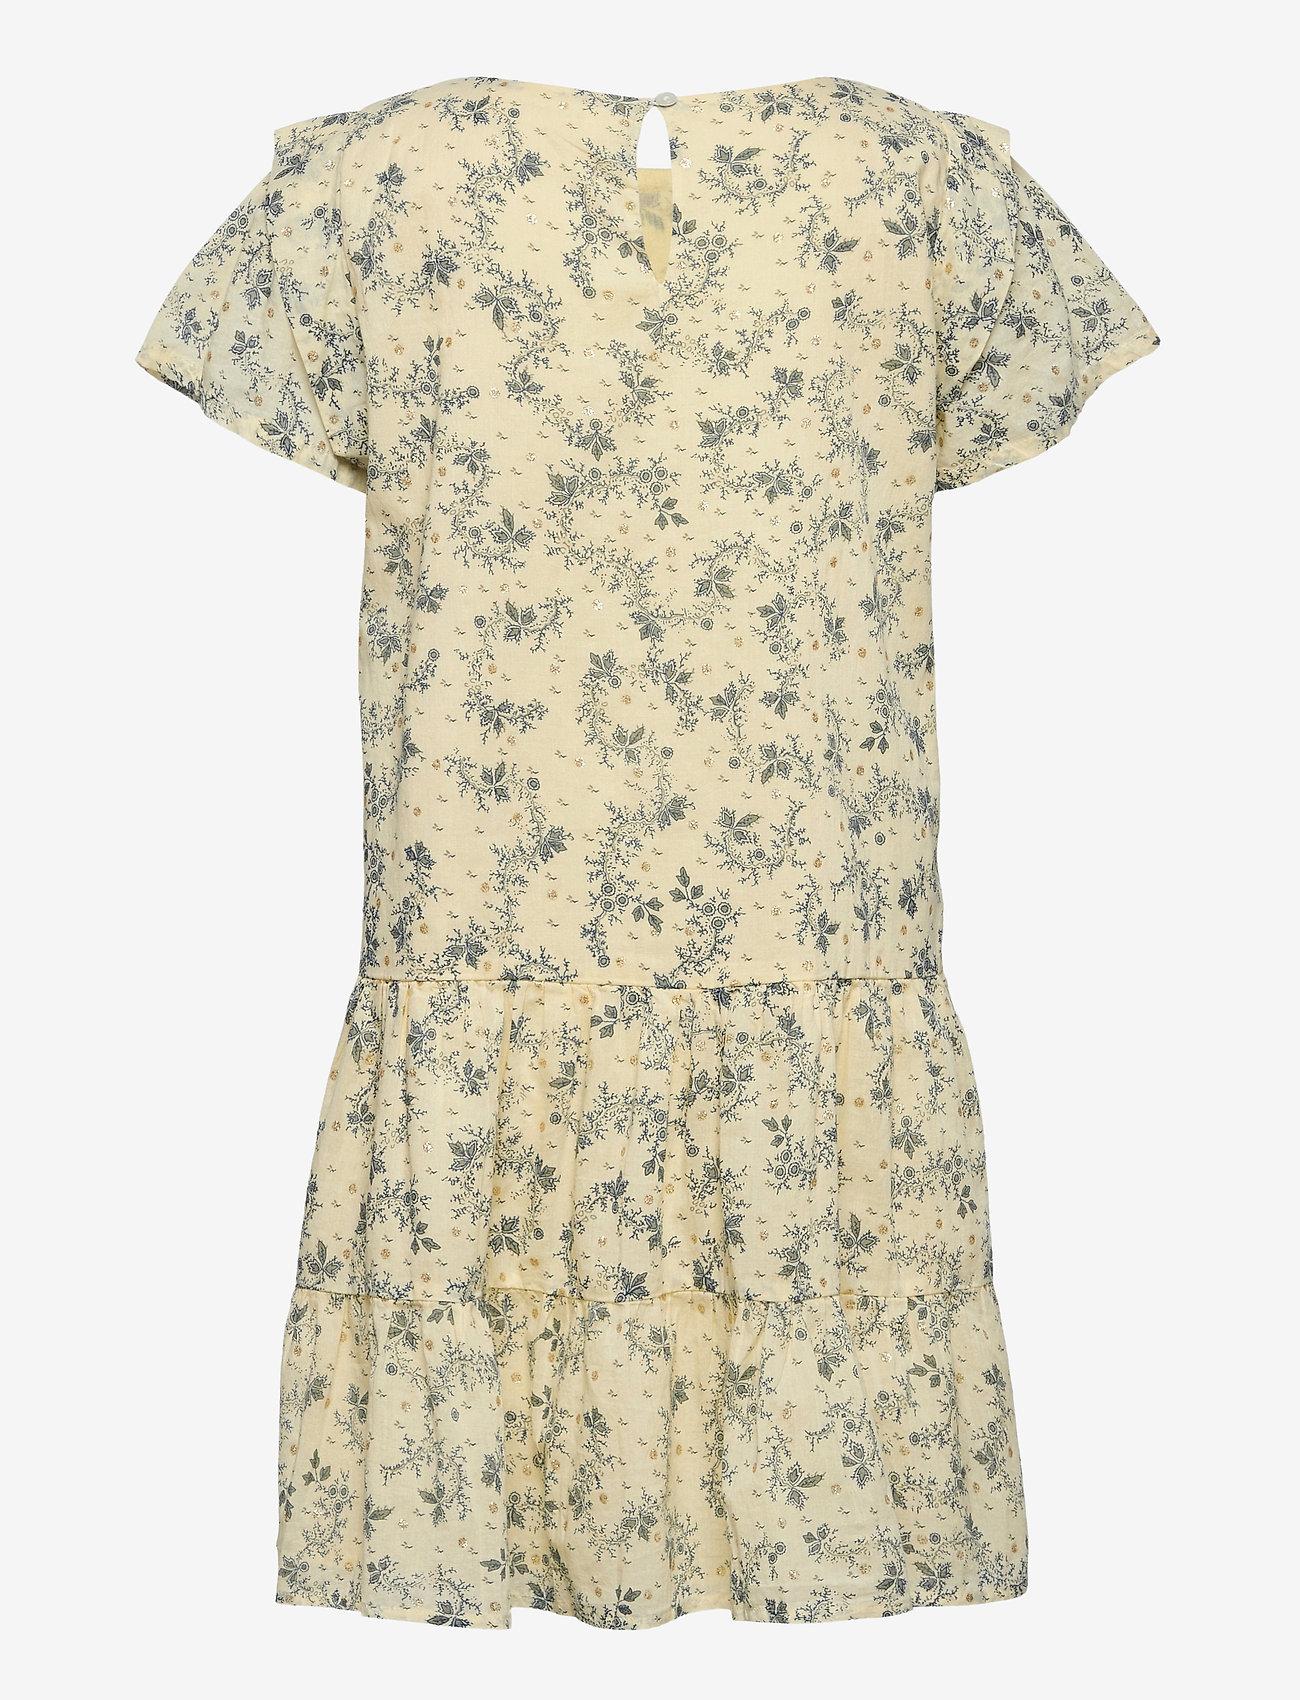 Petit by Sofie Schnoor - Dress - kleider - white - 1